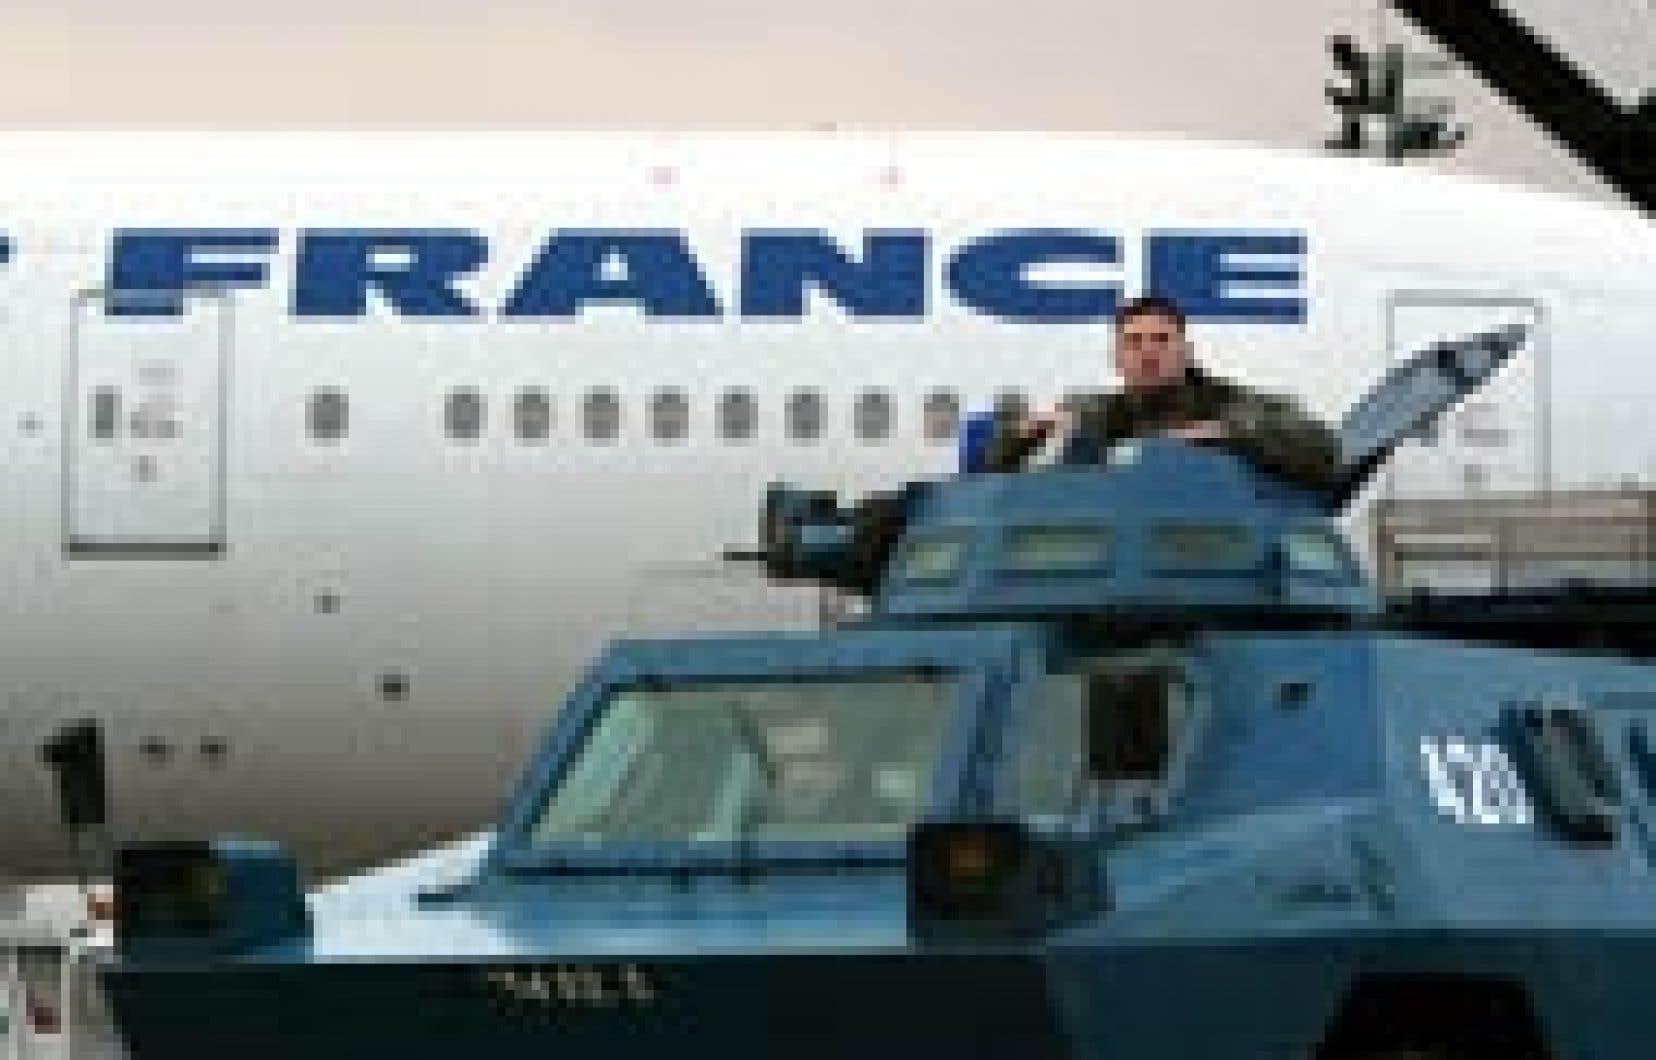 Avant de décoller de l'aéroport Charles de Gaulle en route pour New York, cet avion d'Air France a été placé sous la garde de ces militaires.